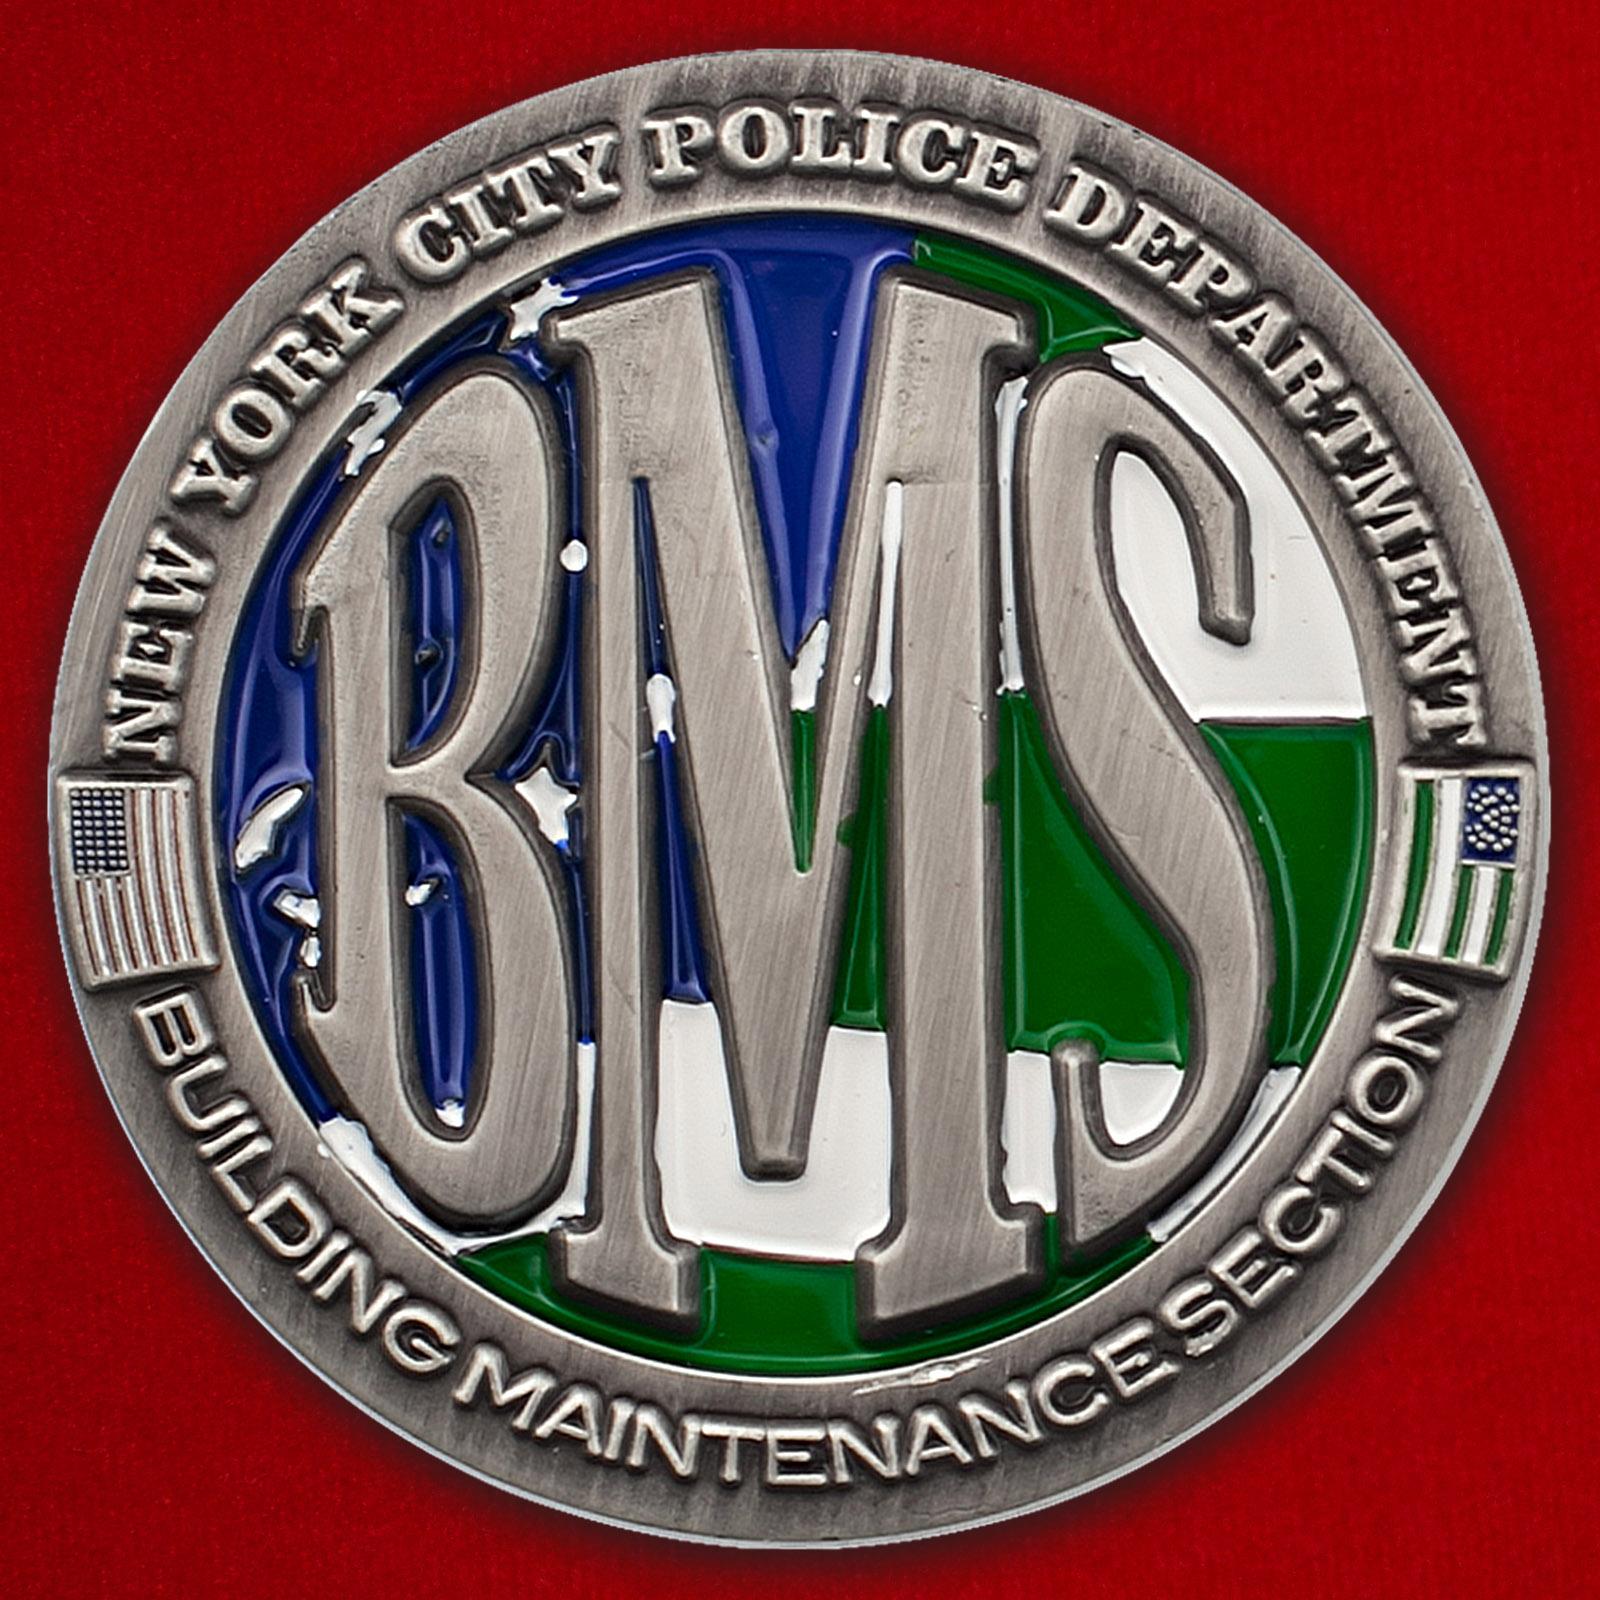 Челлендж коин отдела материально-технического обеспечения строительства Управления полиции Нью-Йорка